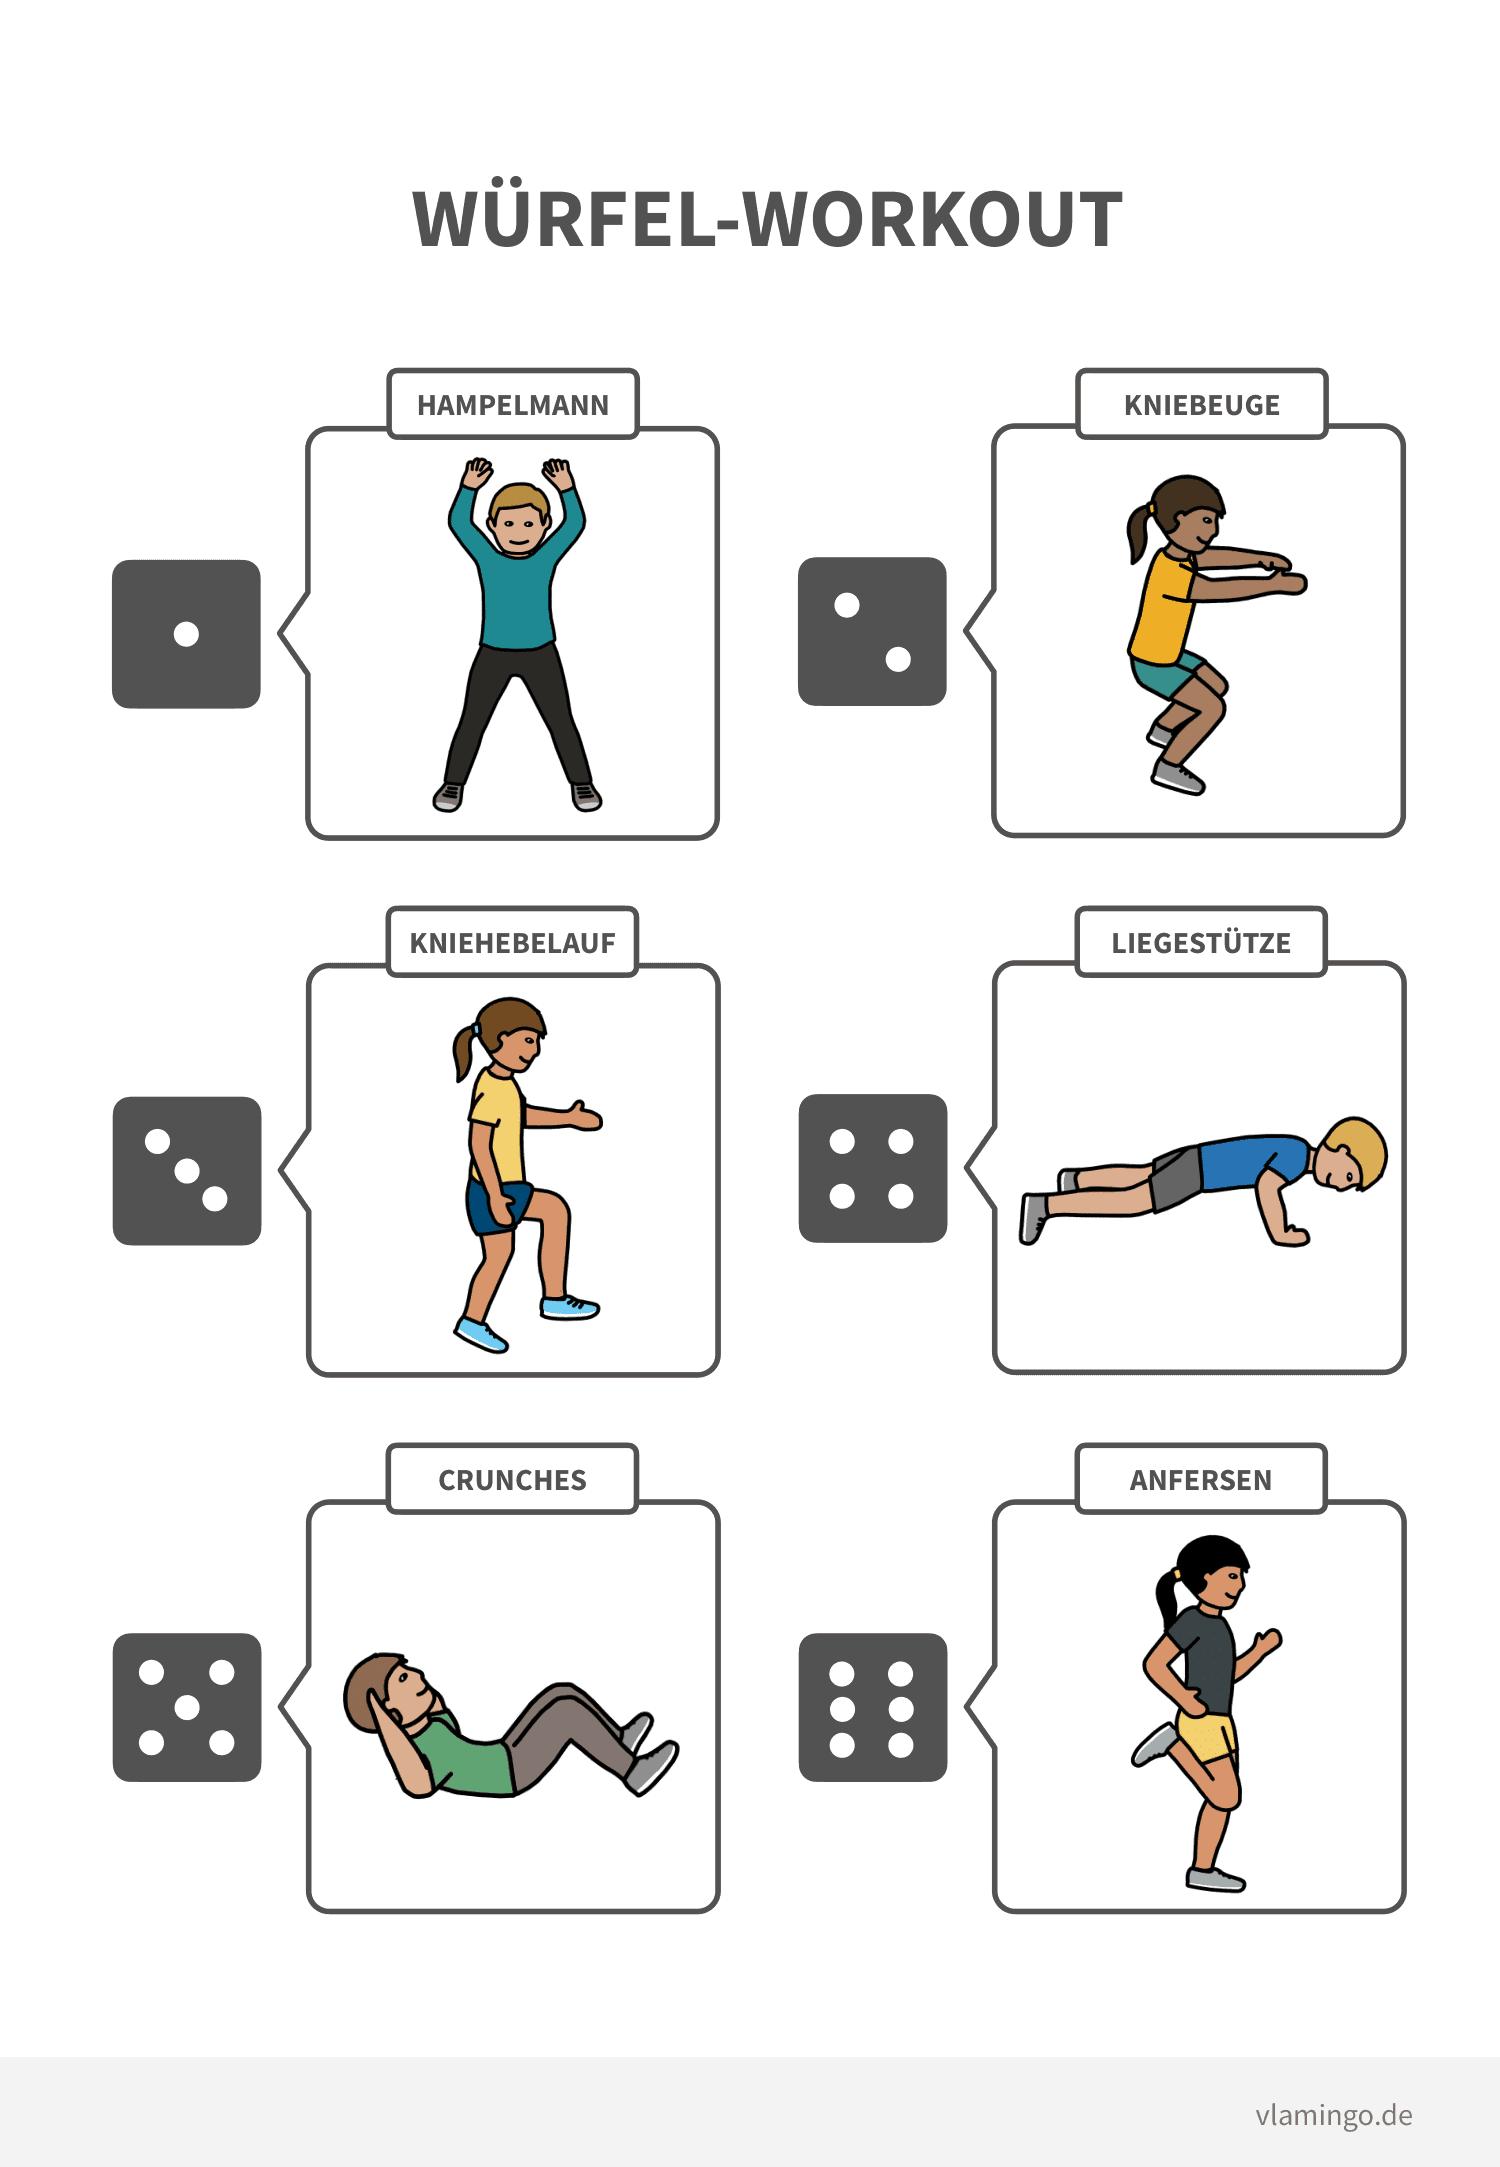 Würfel-Workout für Zuhause und für den Unterricht - Ablauf